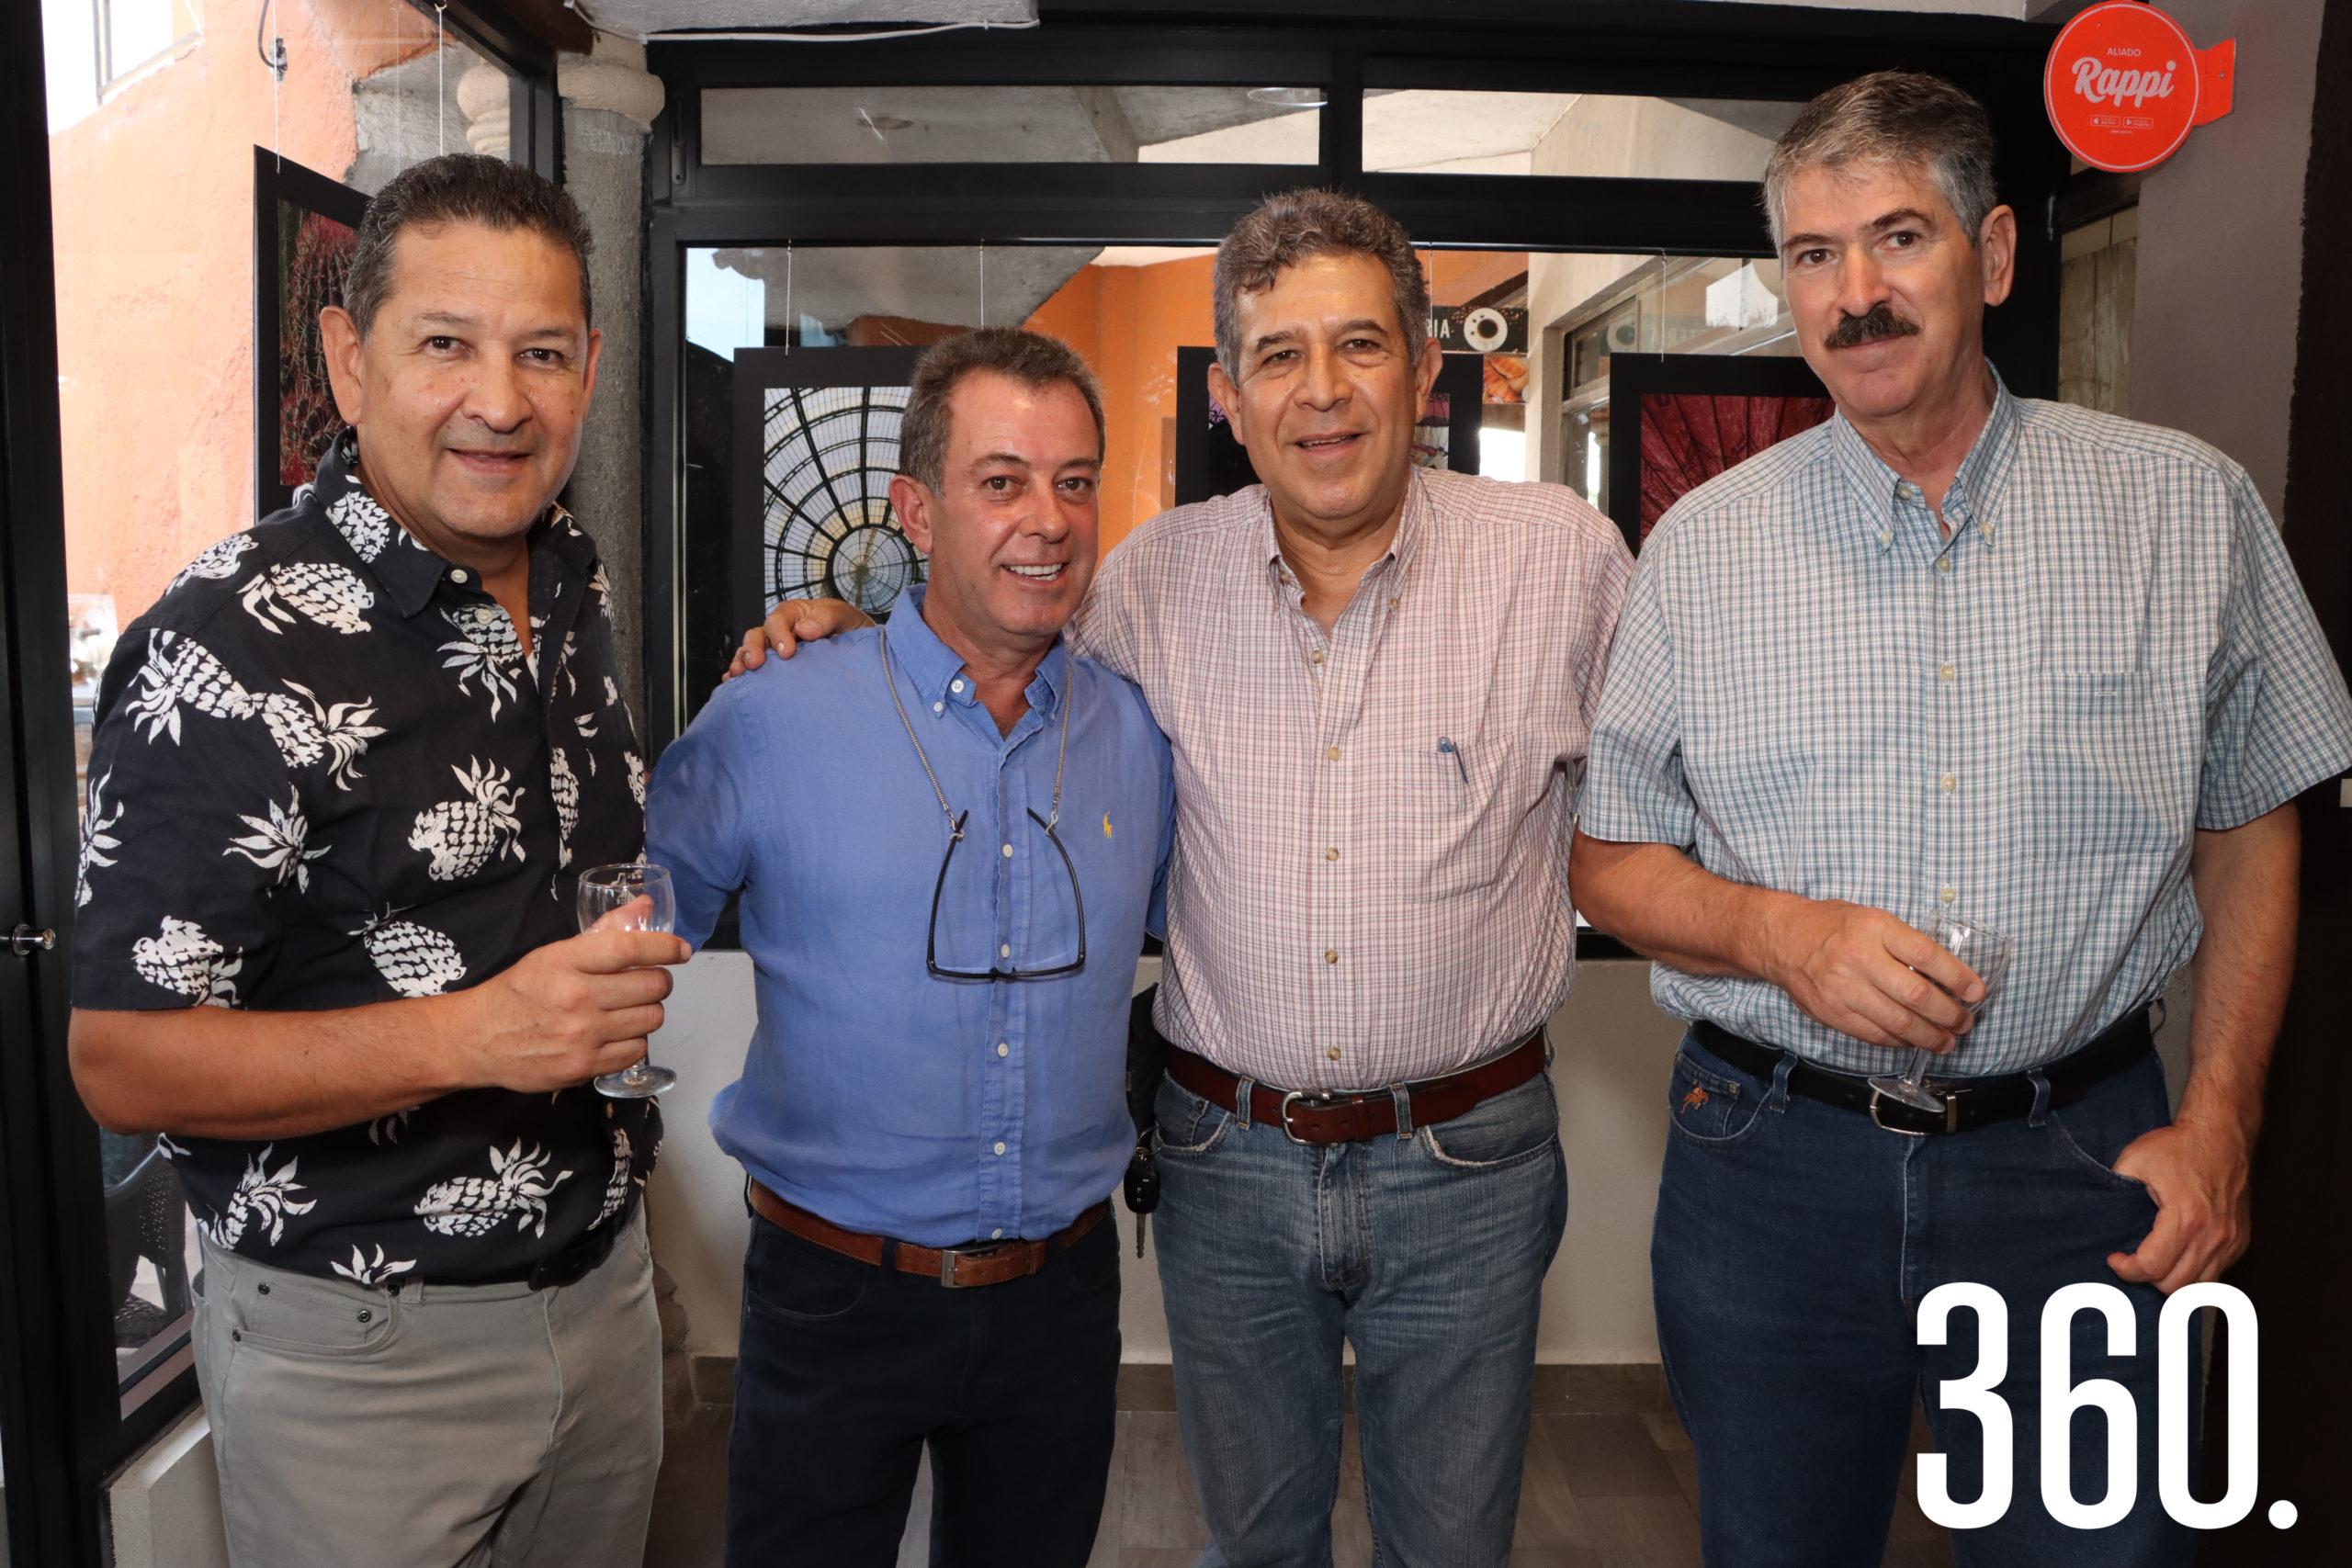 Ignacio Martínez, José Antonio Marquina, Enrique Garza y Rolando Peña.